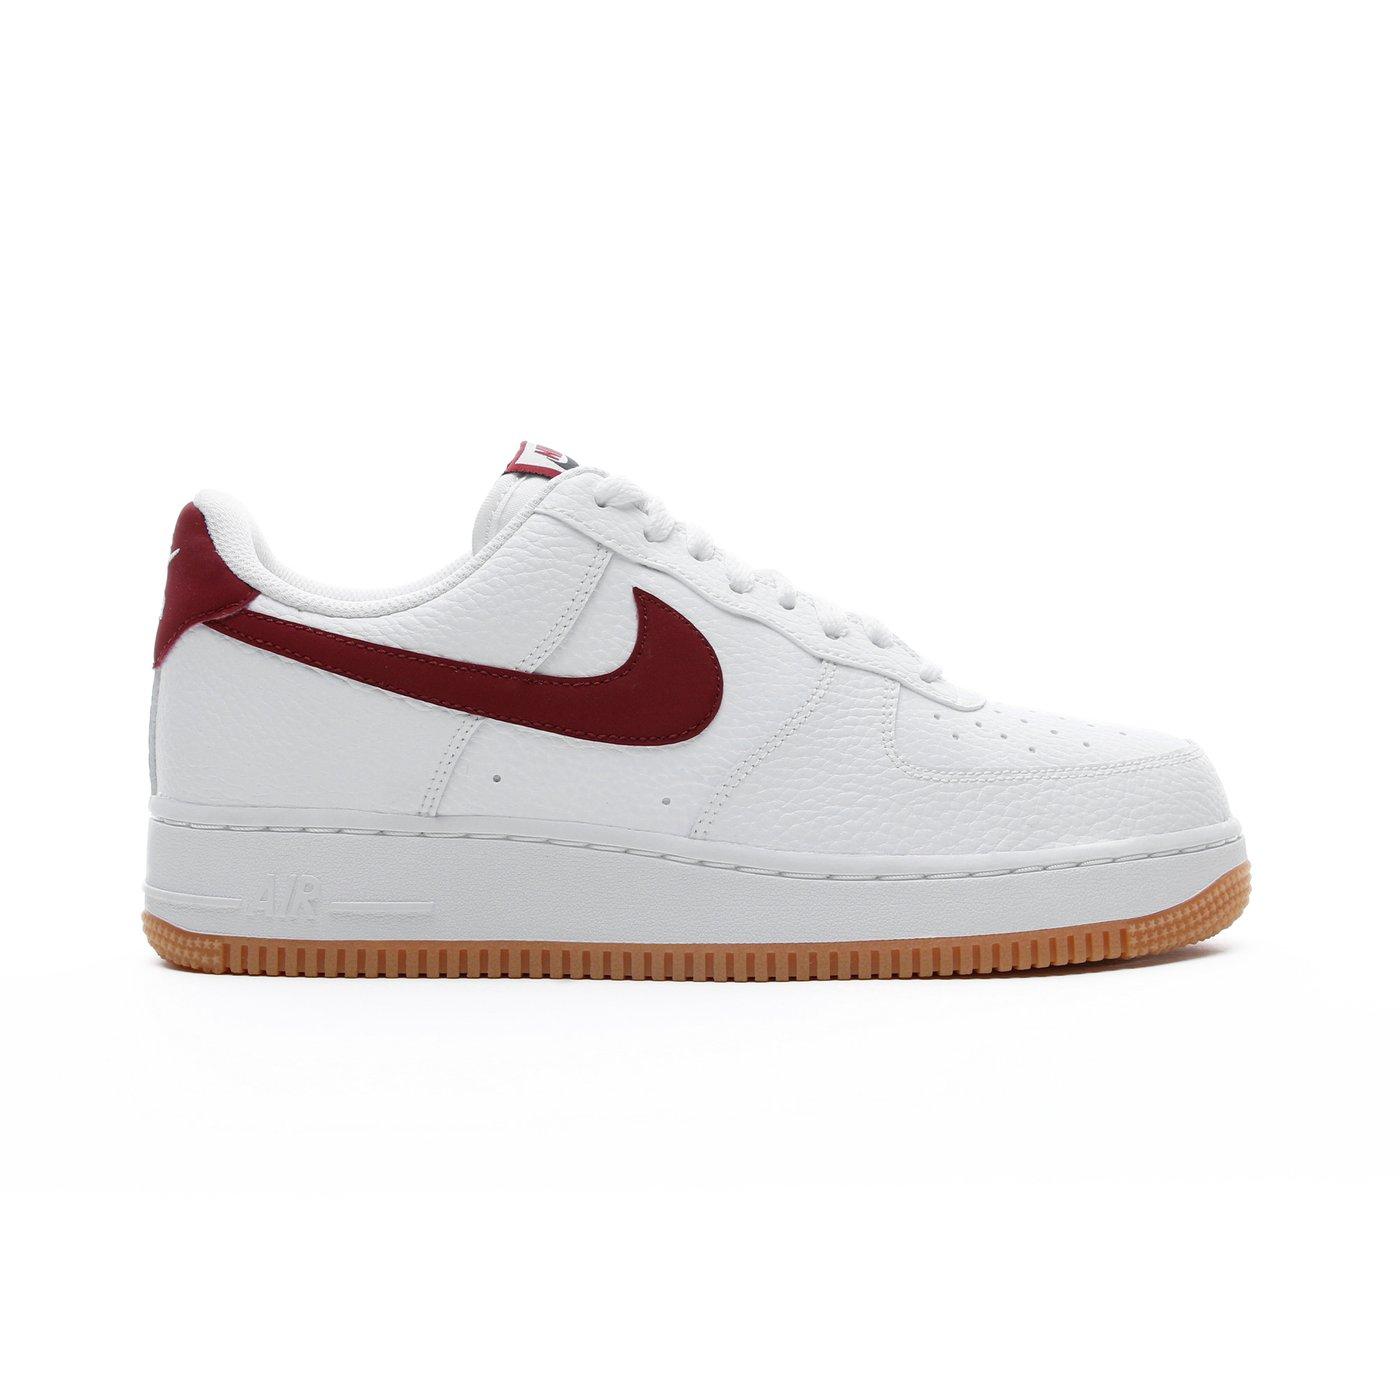 Nike Air Force 1 '07 2 Beyaz Erkek Spor Ayakkabı